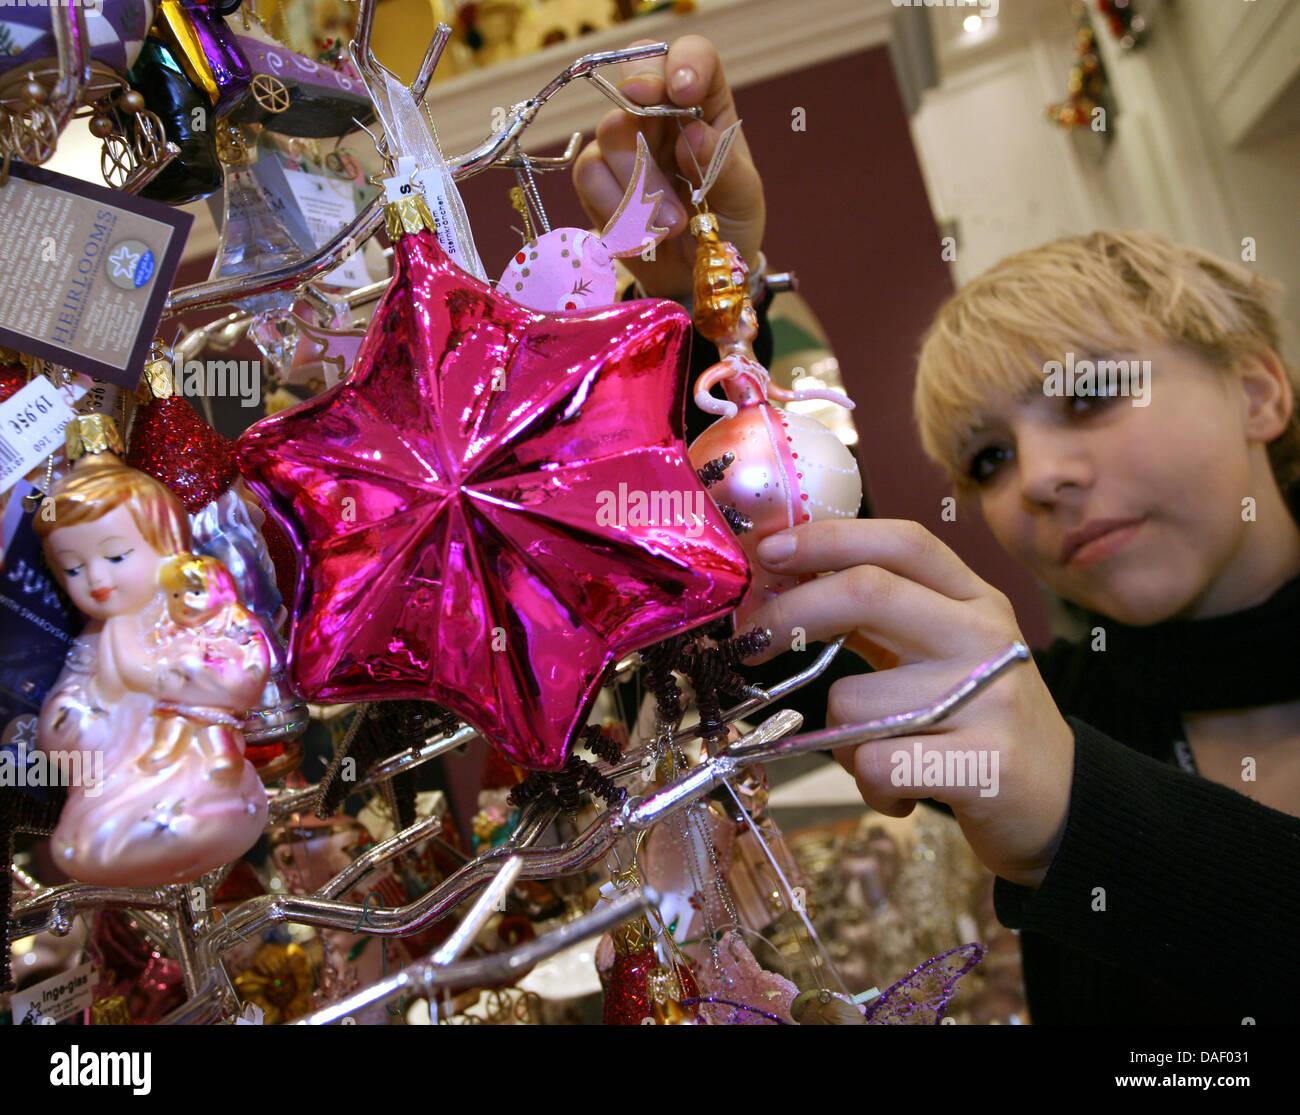 Kadewe Christmas Stockfotos & Kadewe Christmas Bilder - Alamy